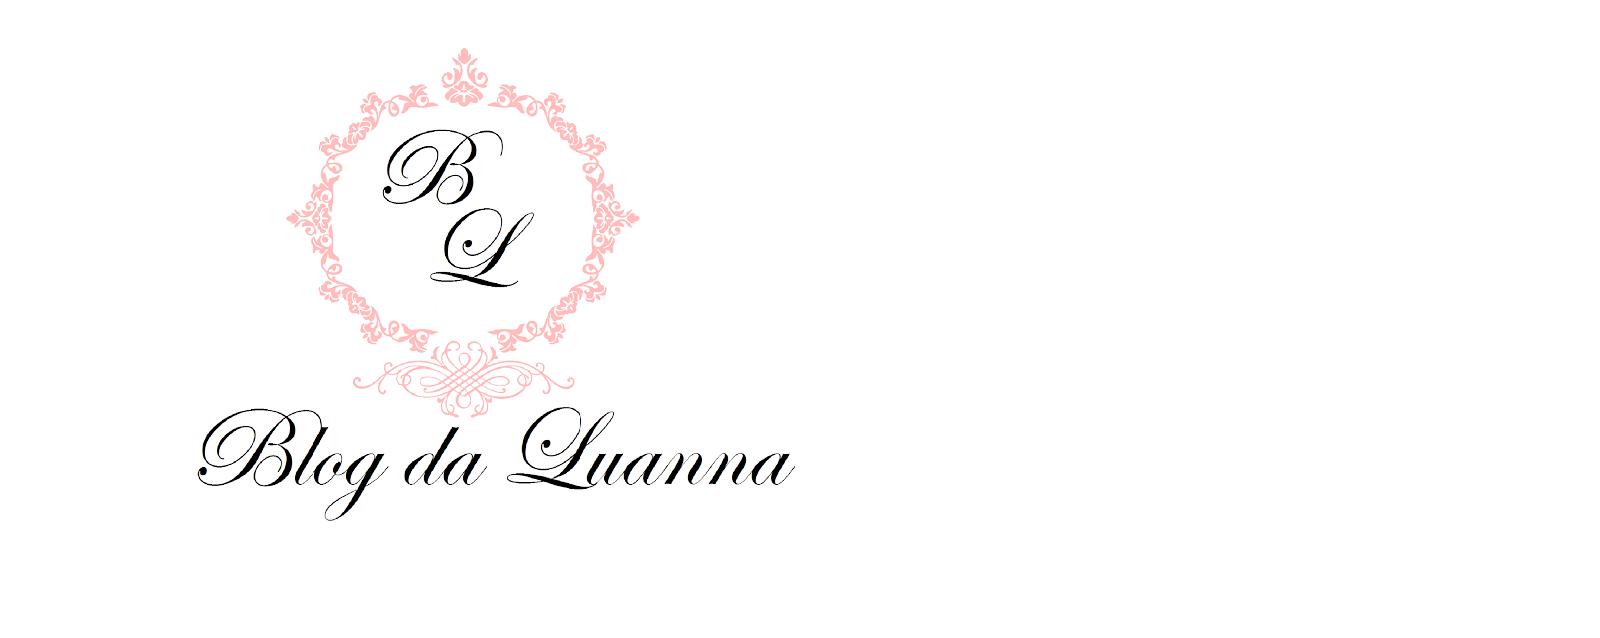 Blog da Luanna